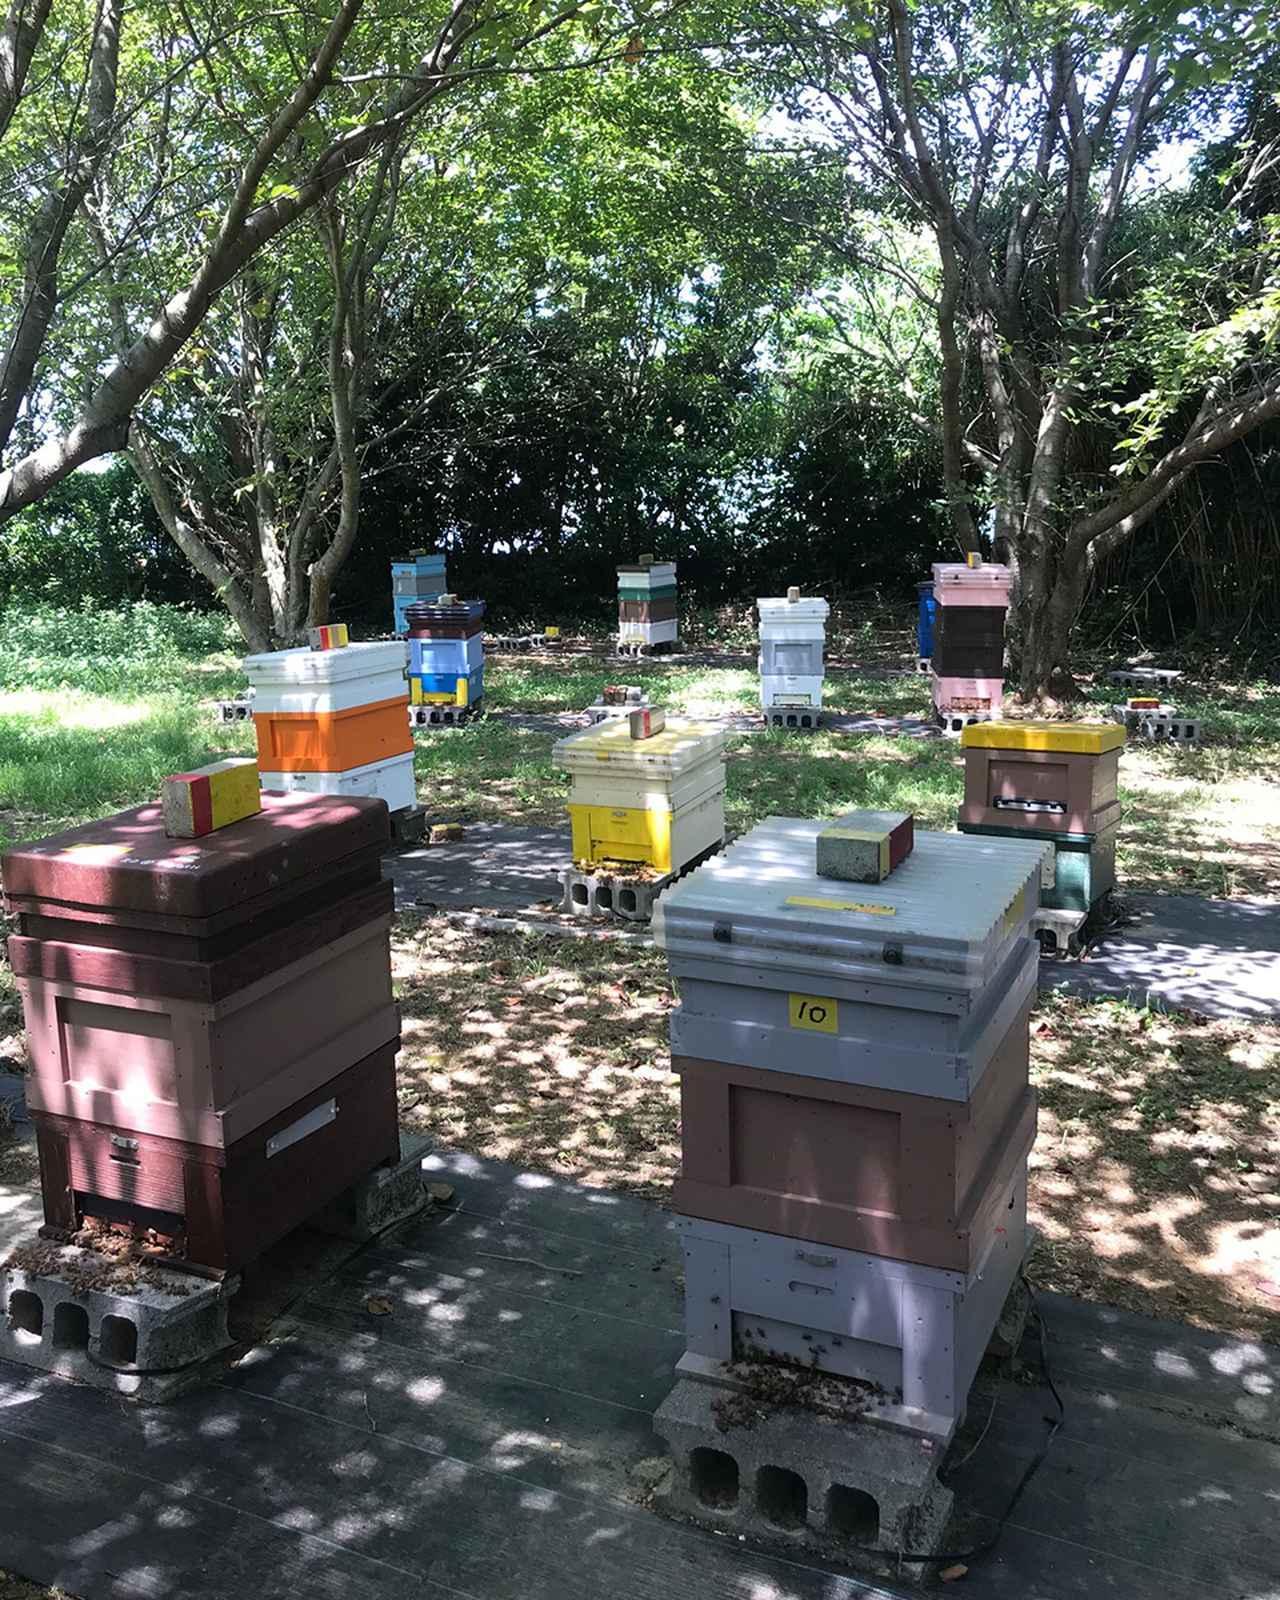 Images : 3番目の画像 - 「「ブリコラージュ」の お皿を作るものと人<Vol.1> ミツバチから地域を元気に―― オーガニック養蜂家の挑戦」のアルバム - T JAPAN:The New York Times Style Magazine 公式サイト